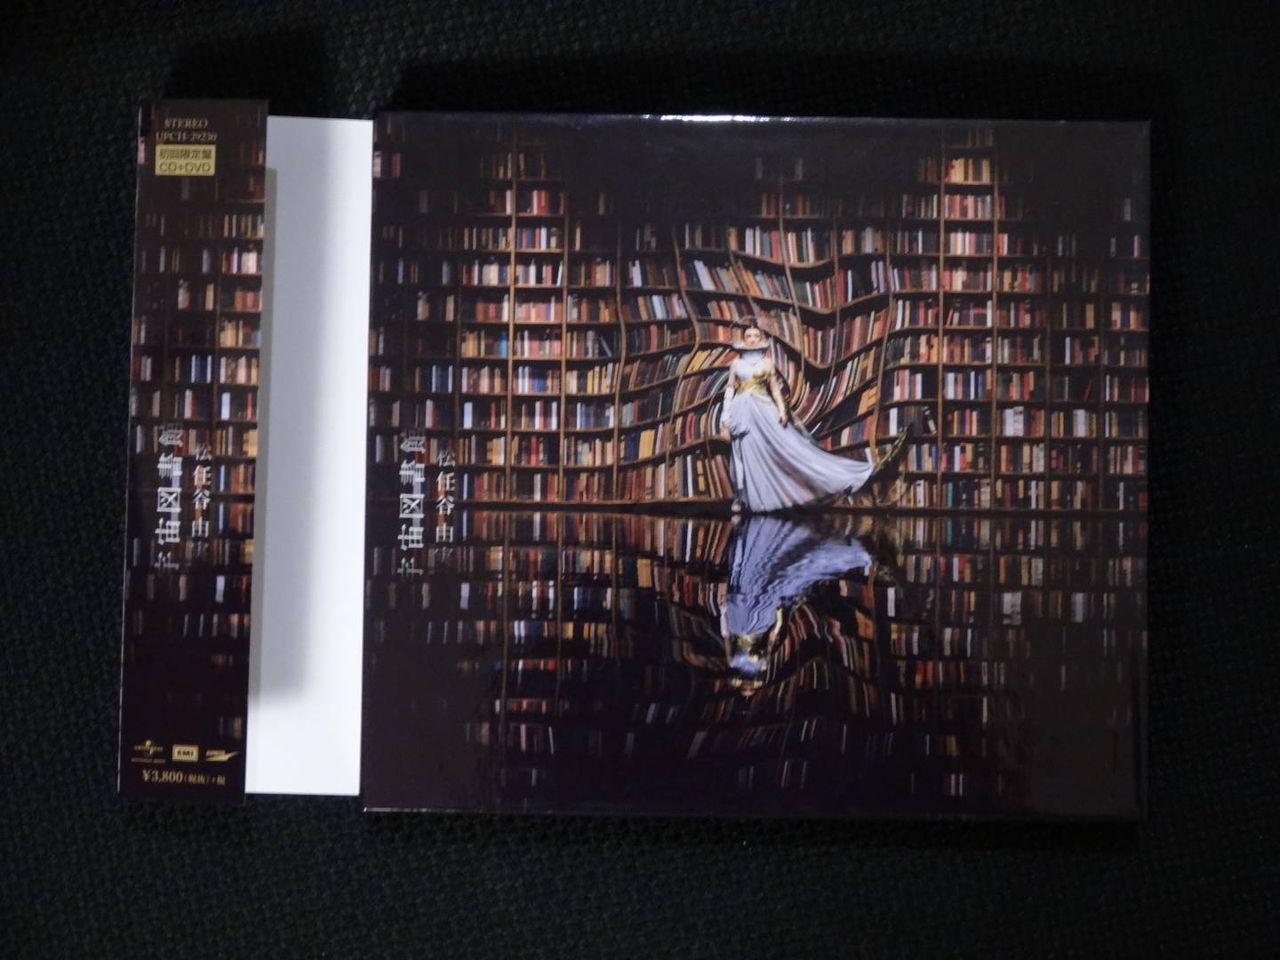 松任谷由実『宇宙図書館』 : Sat...